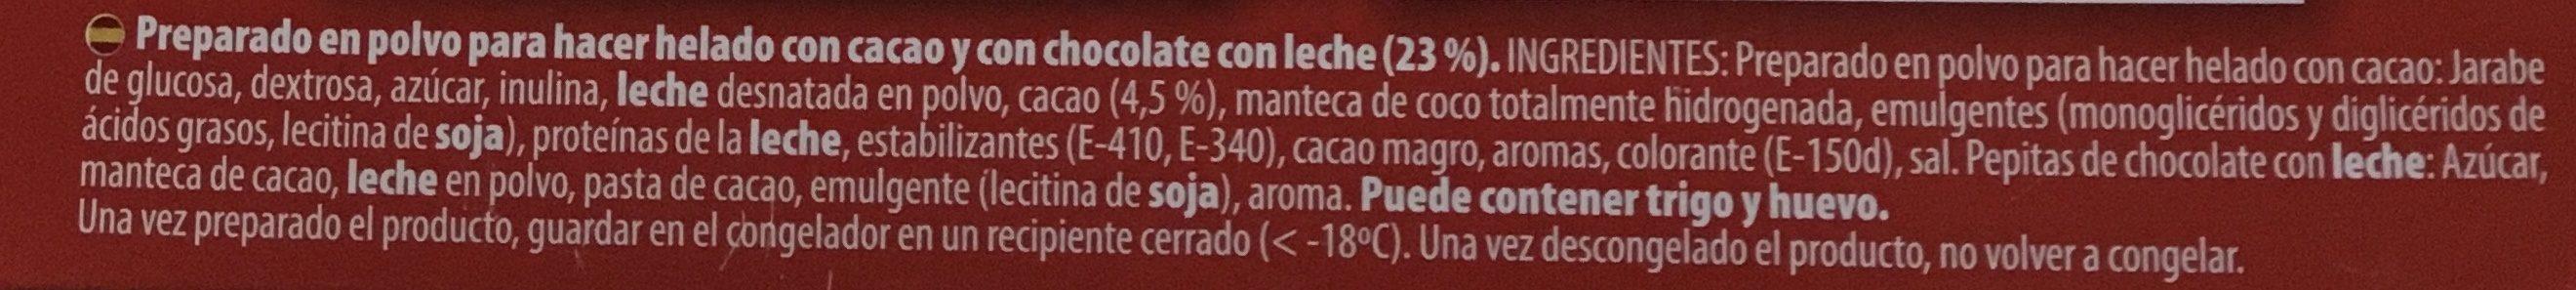 Royal Preparat Per Gelat De Xocolata Amb Milka - Ingrédients - es